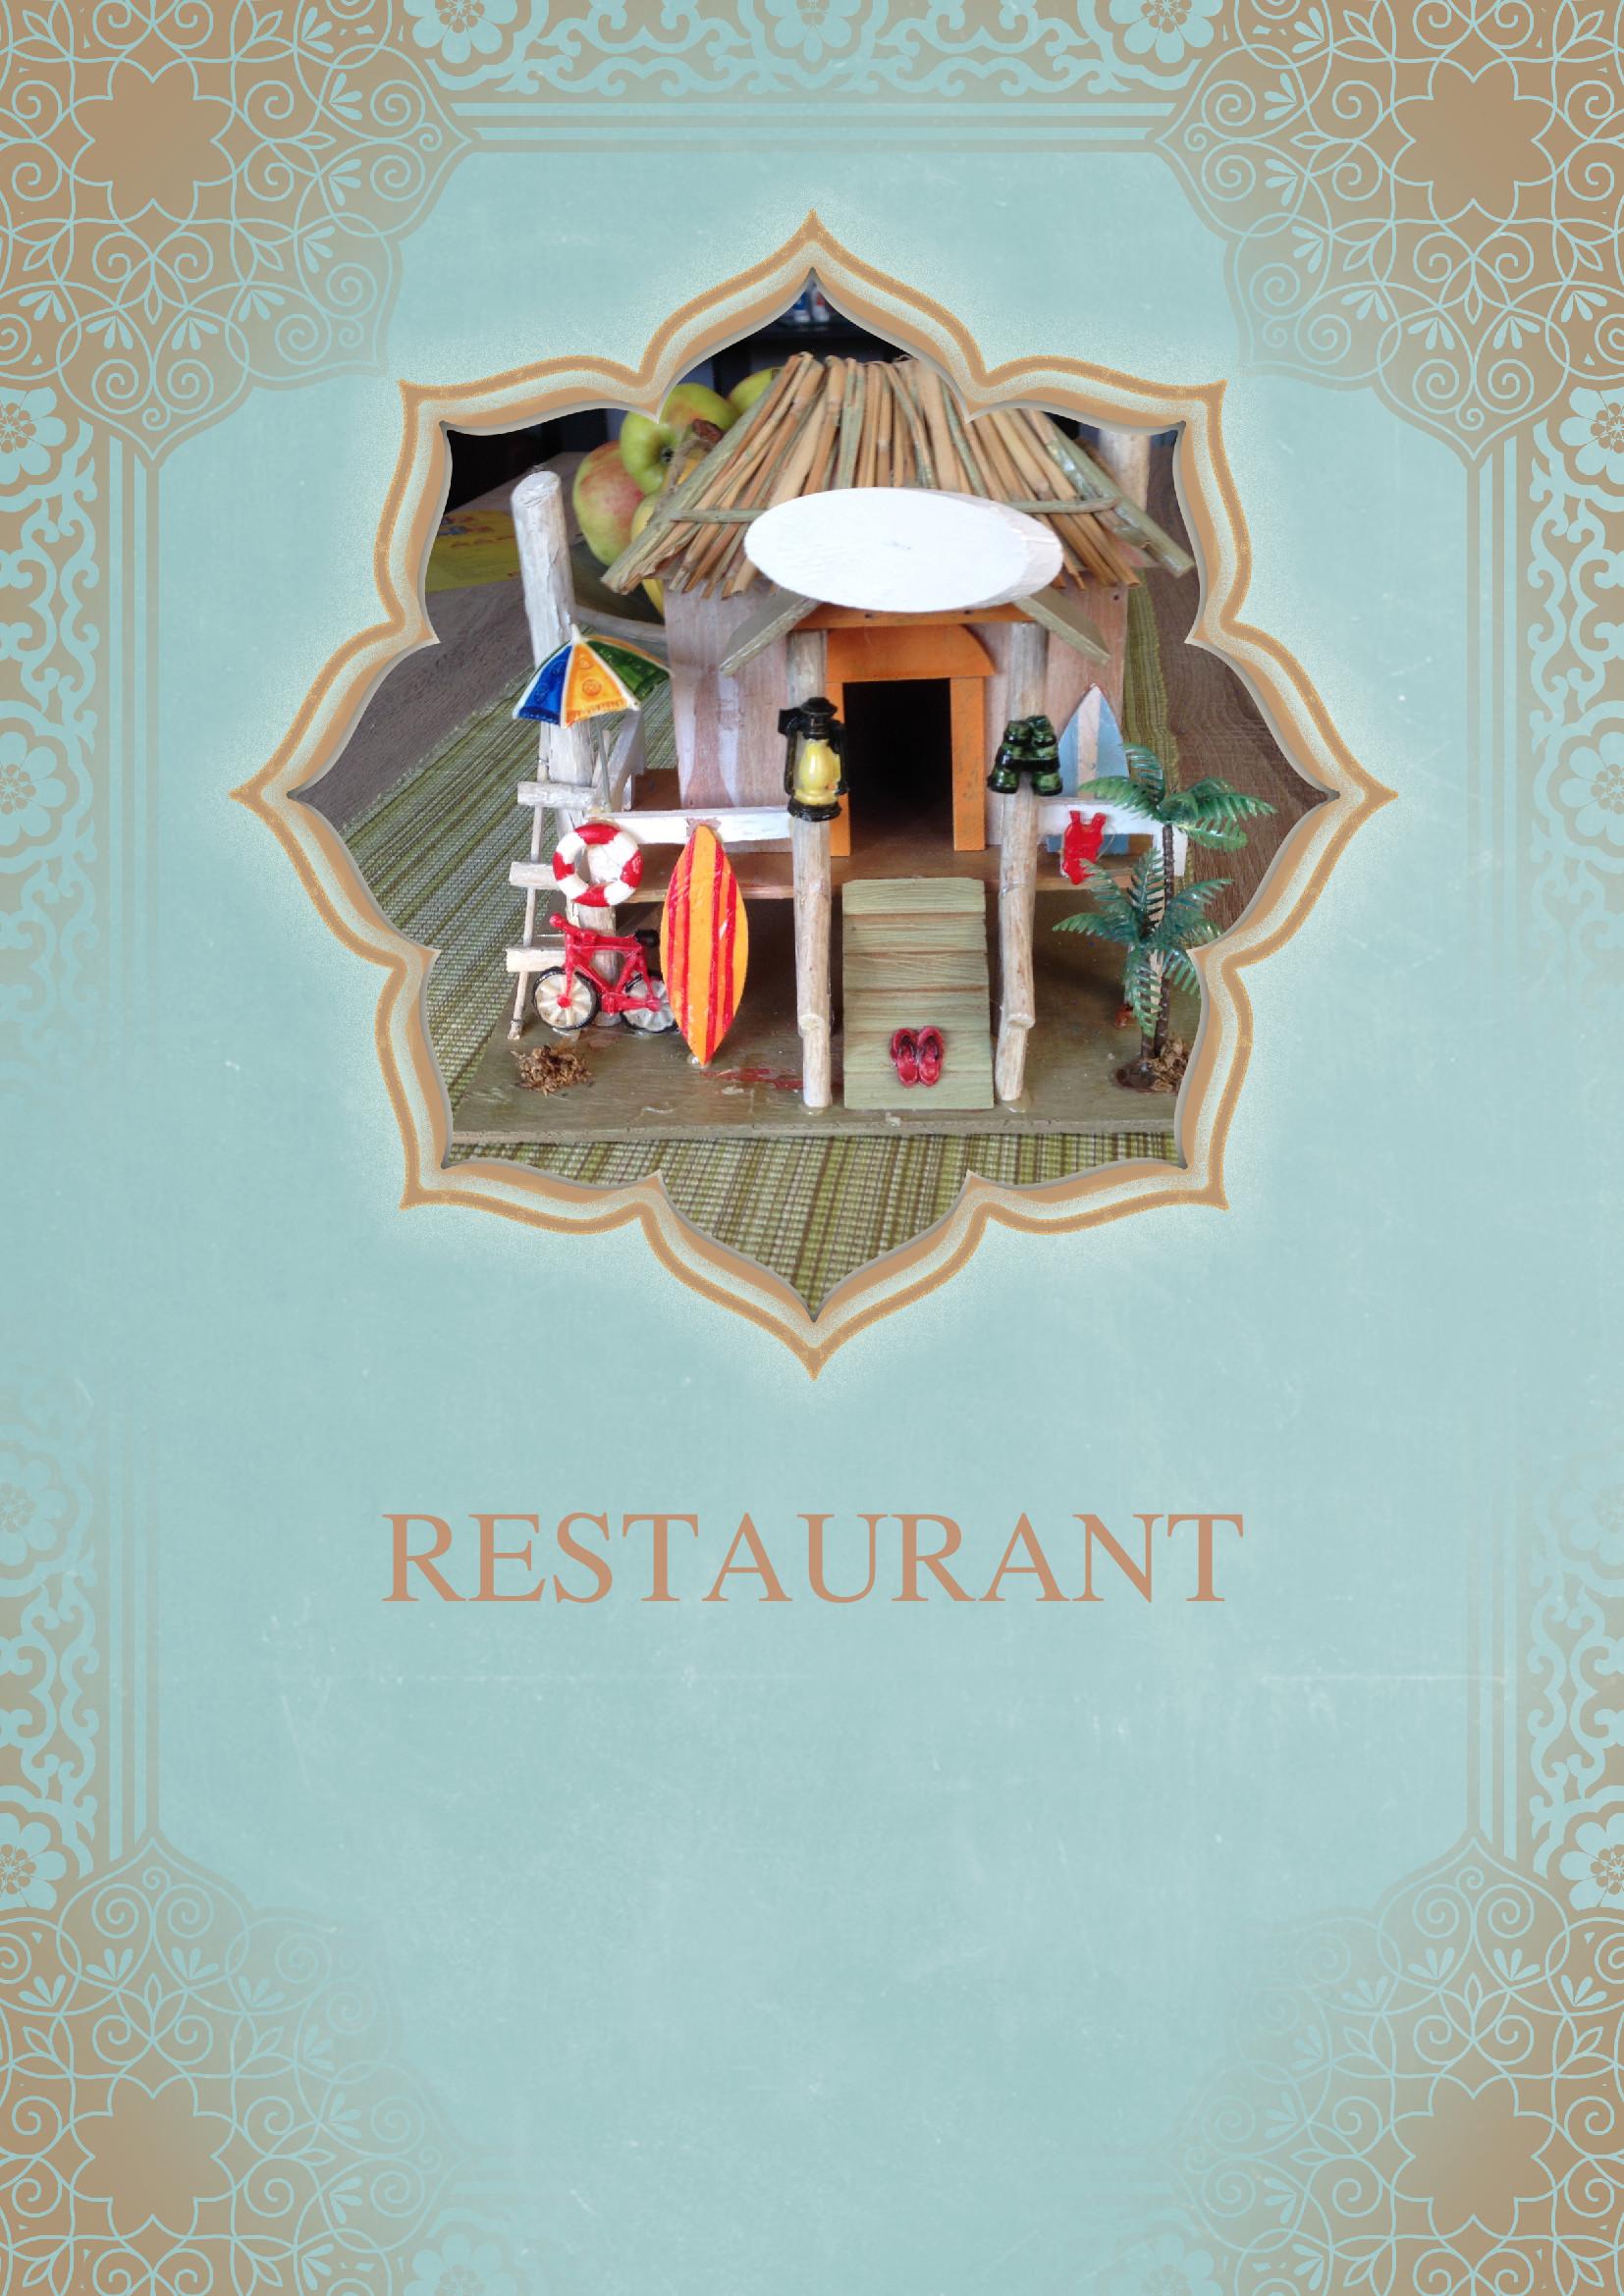 Speisekarten und Menkarten Vorlage Sdlndische Kche